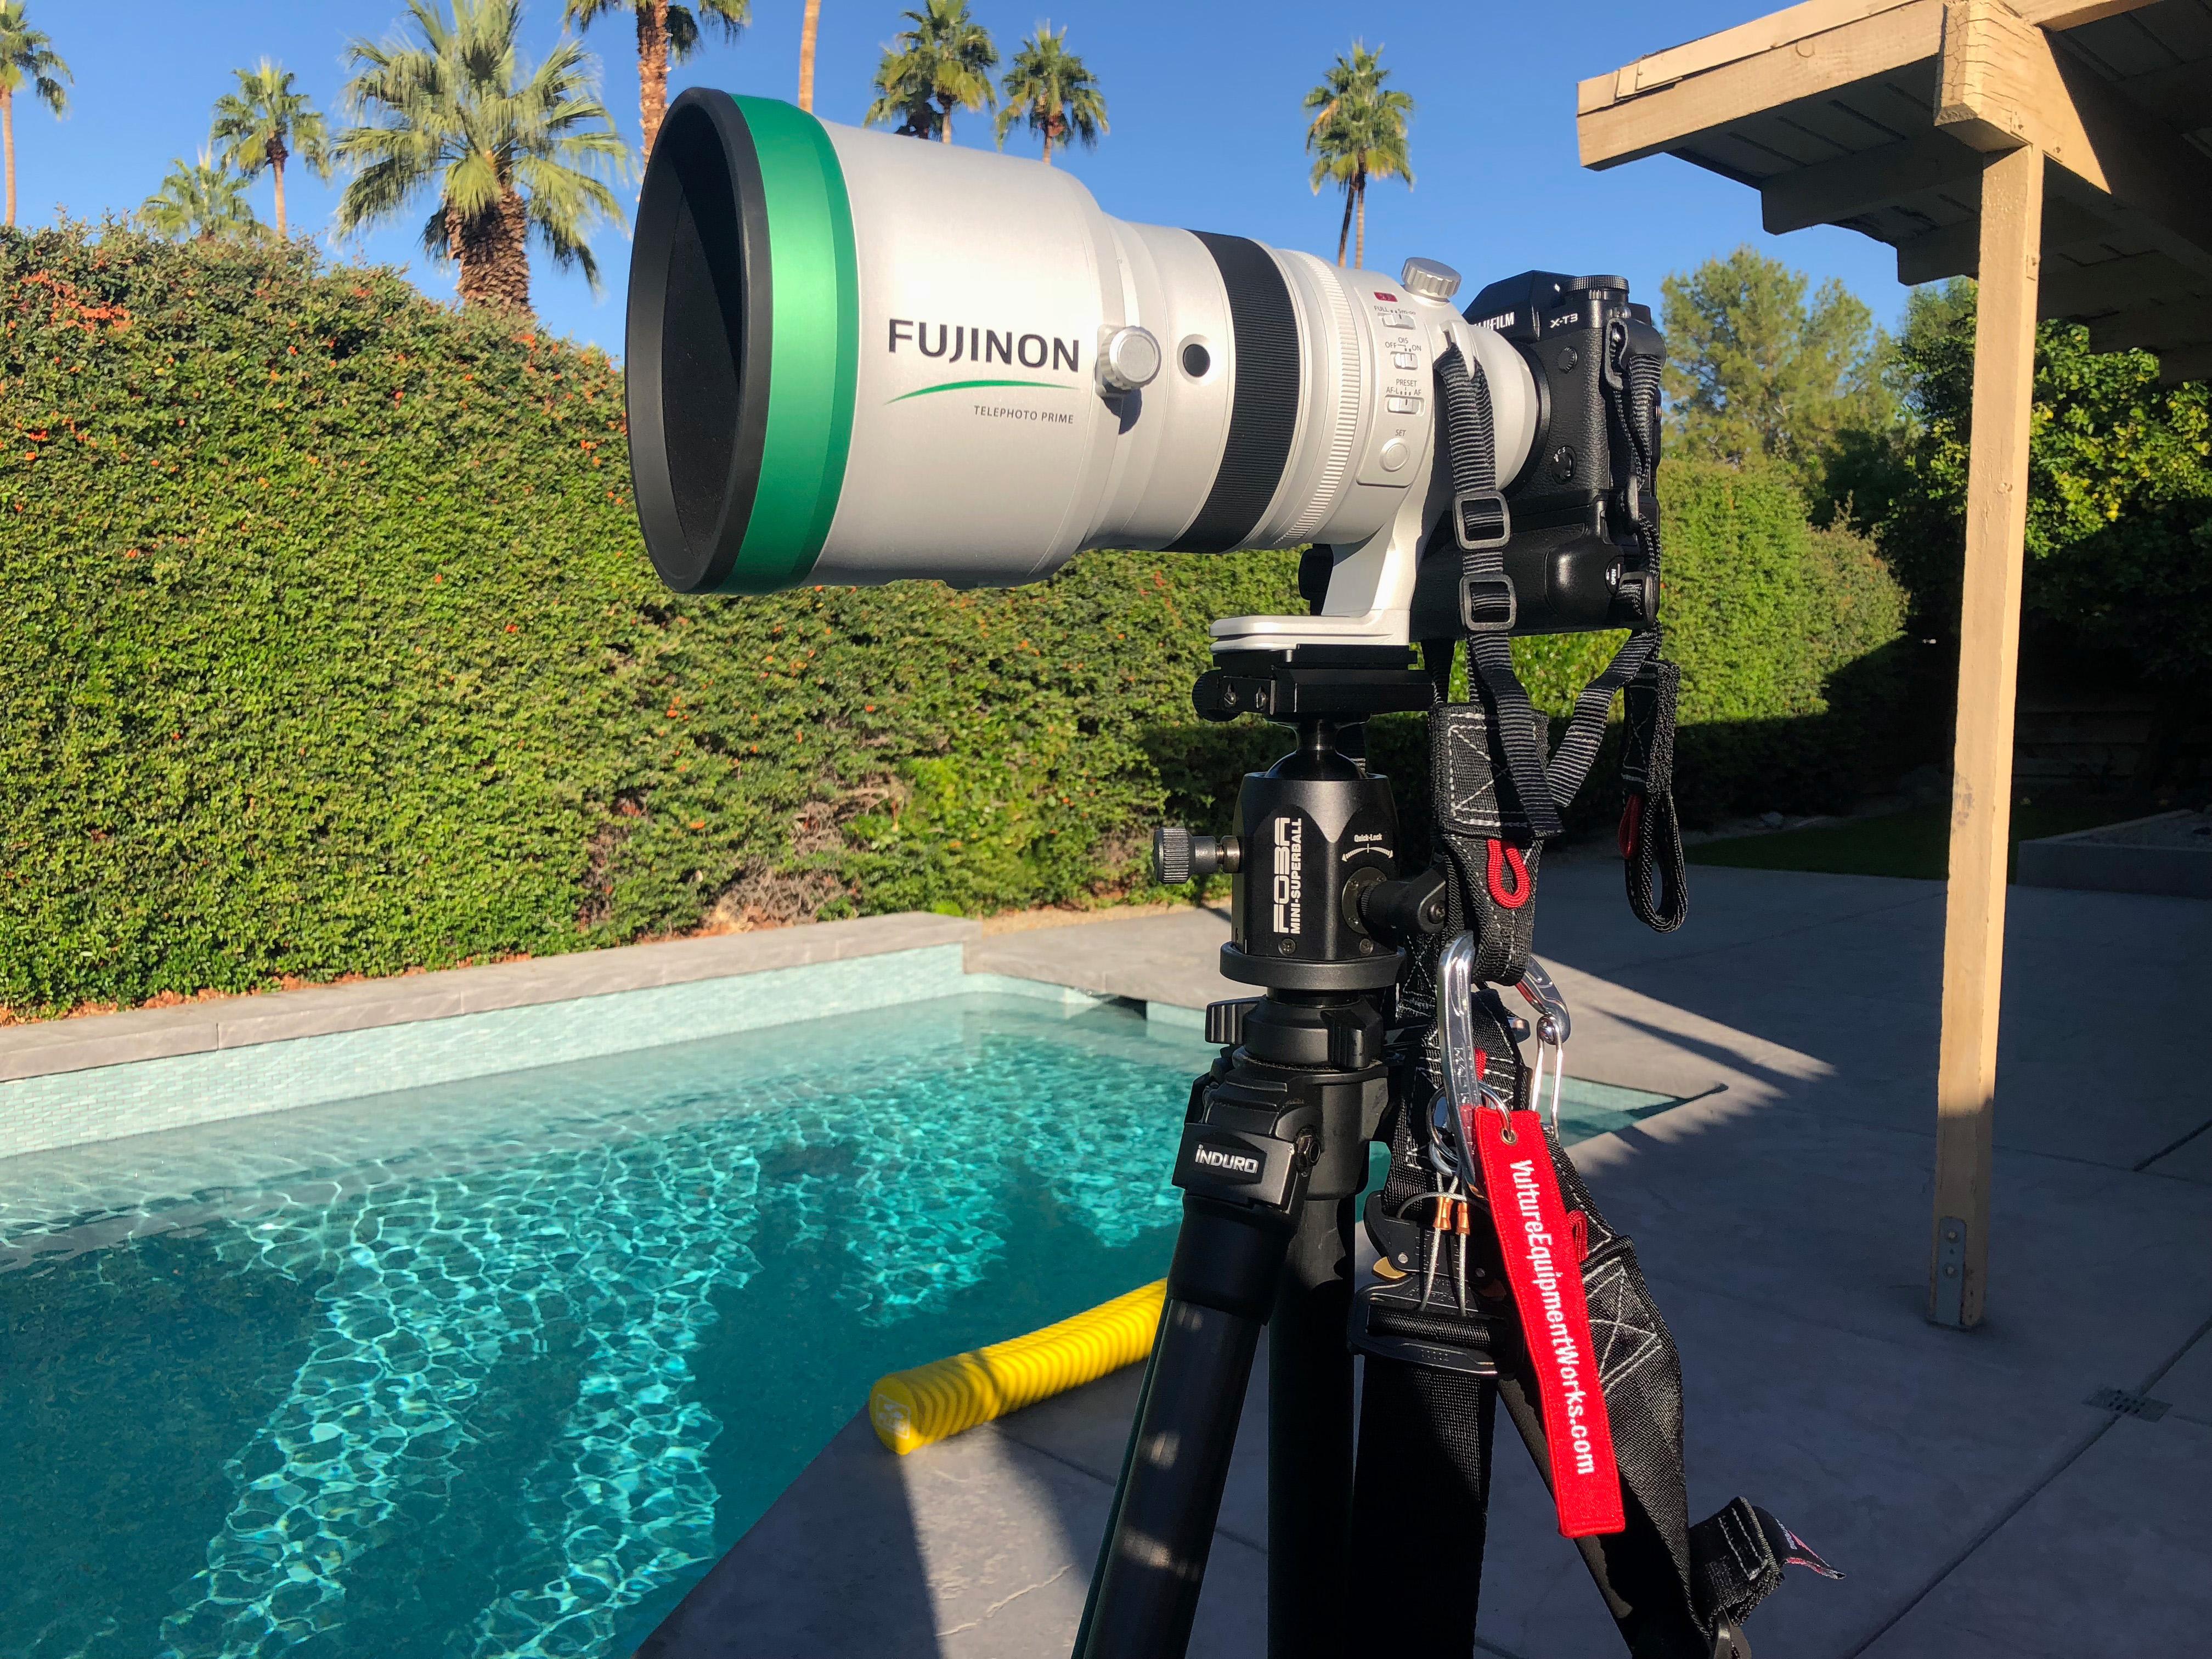 Fujifilm XT3 200F2 on tripod